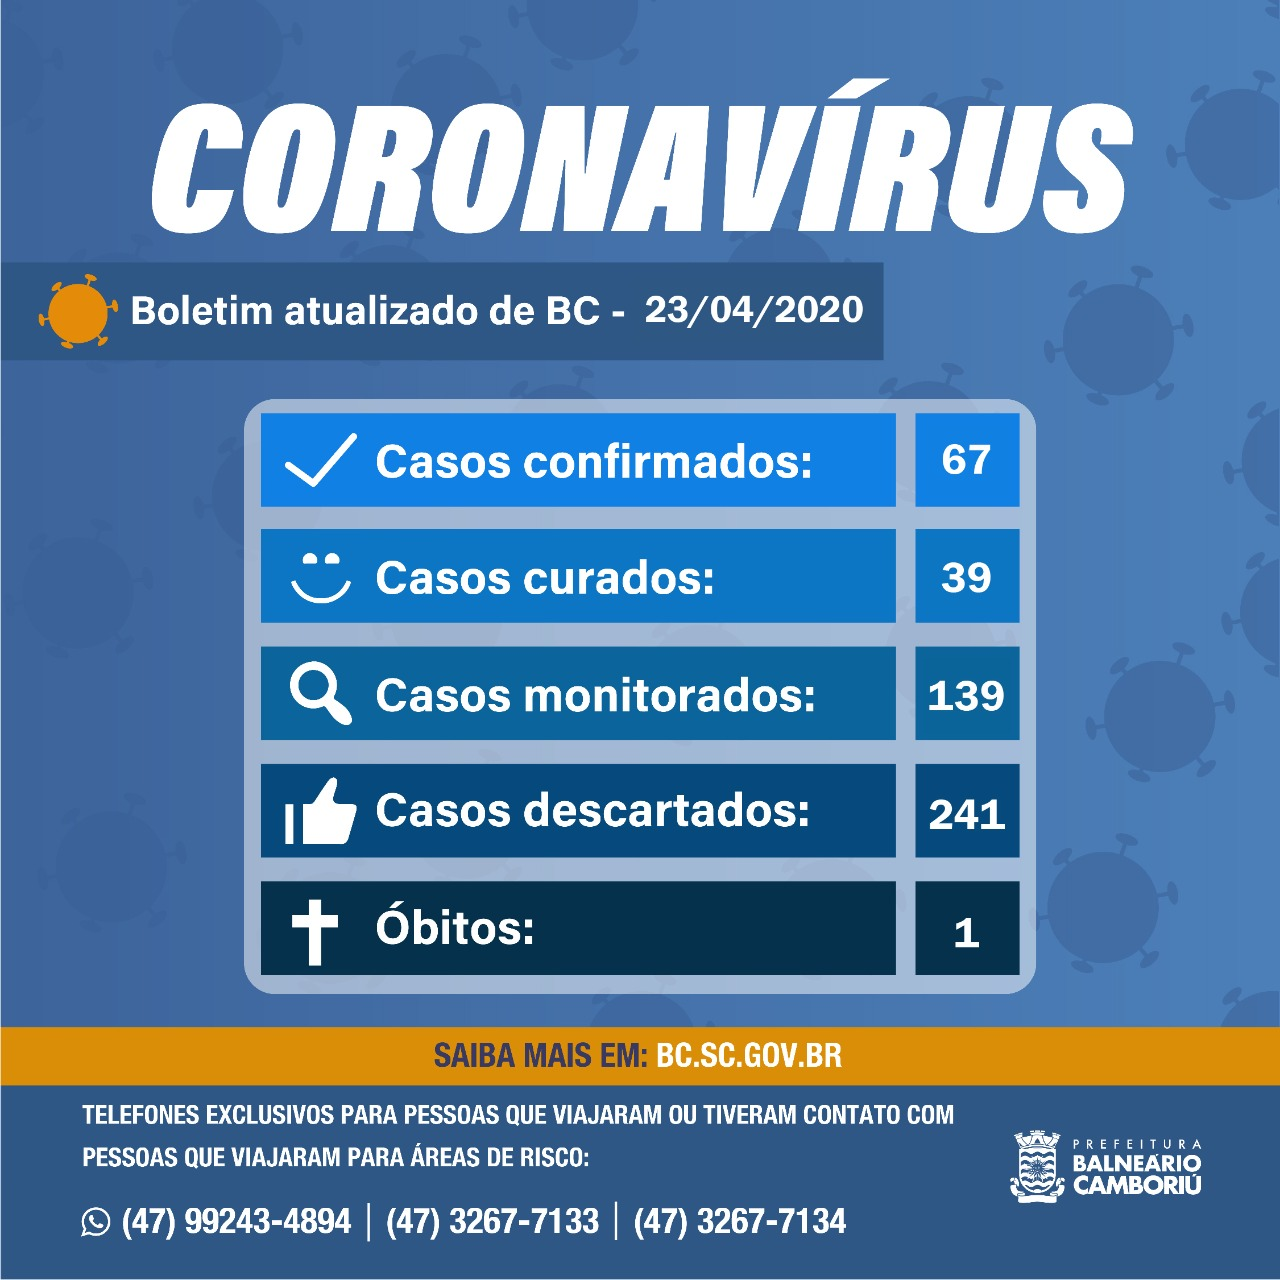 Balneário Camboriú registra 67 casos confirmados para Coronavírus | Notícias de Balneário Camboriú | SC Hoje News